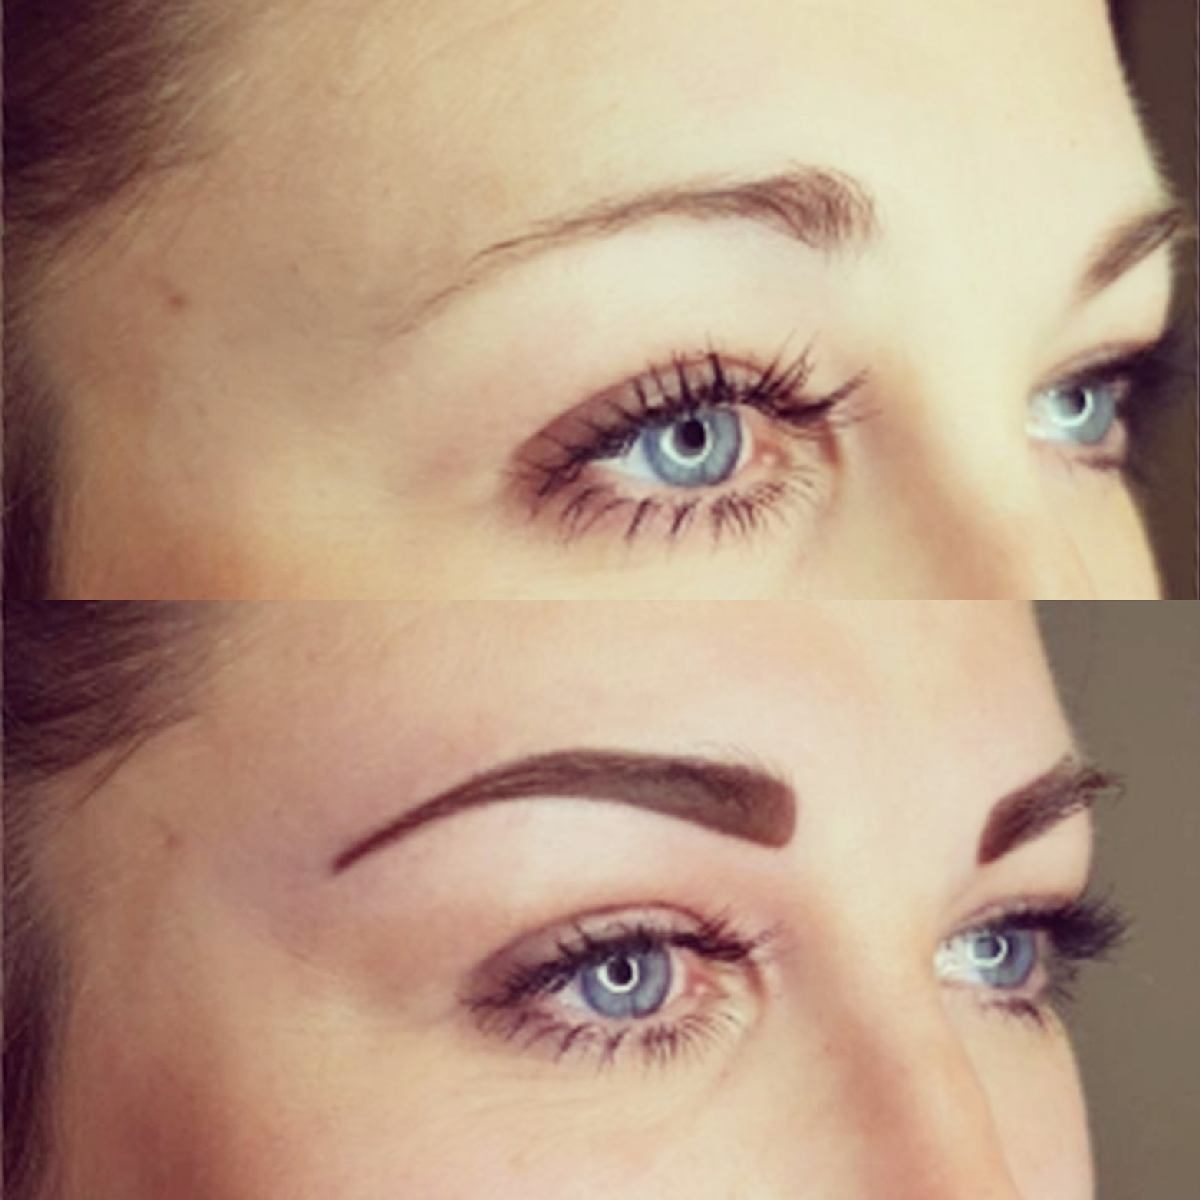 Voici la gagnante du concours facebook, qui a reporté un maquillage permanent des sourcils . Nous avons choisi un poudré, elle est plus que ravie,  d'où sa recommandation sur ma page Facebook.